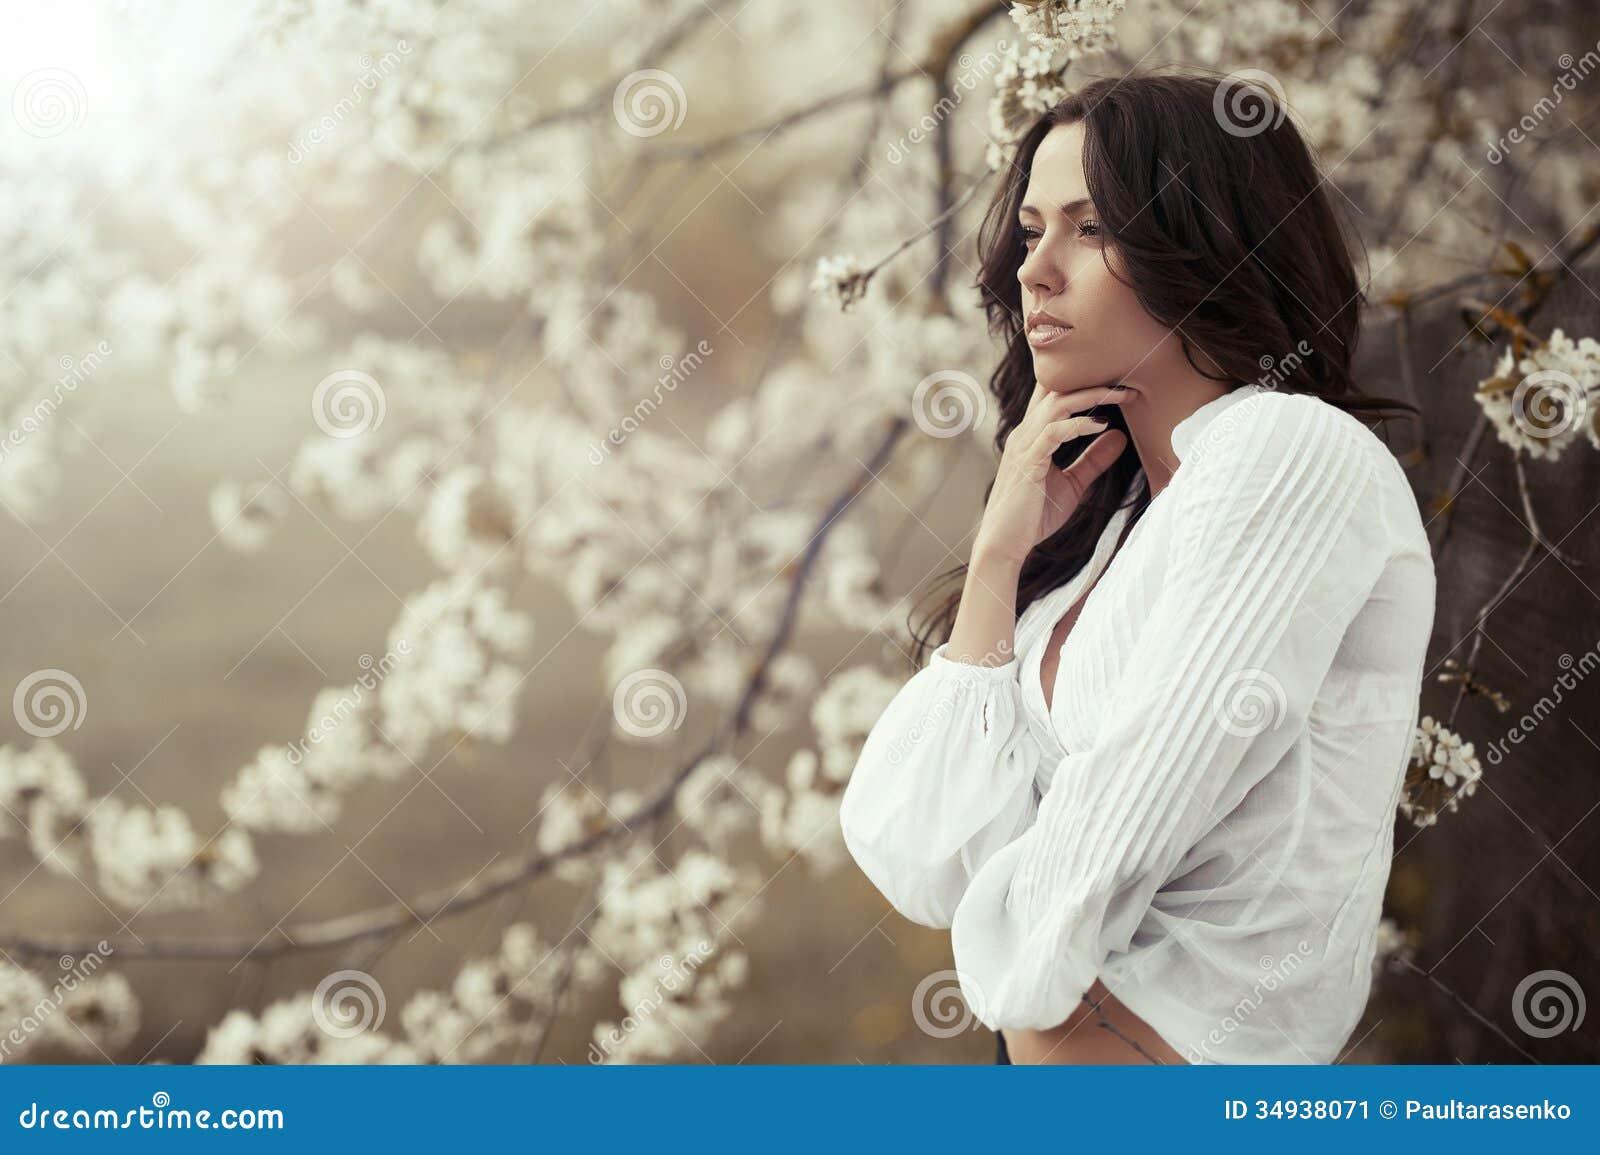 Woman looking away. Beautiful girl profile